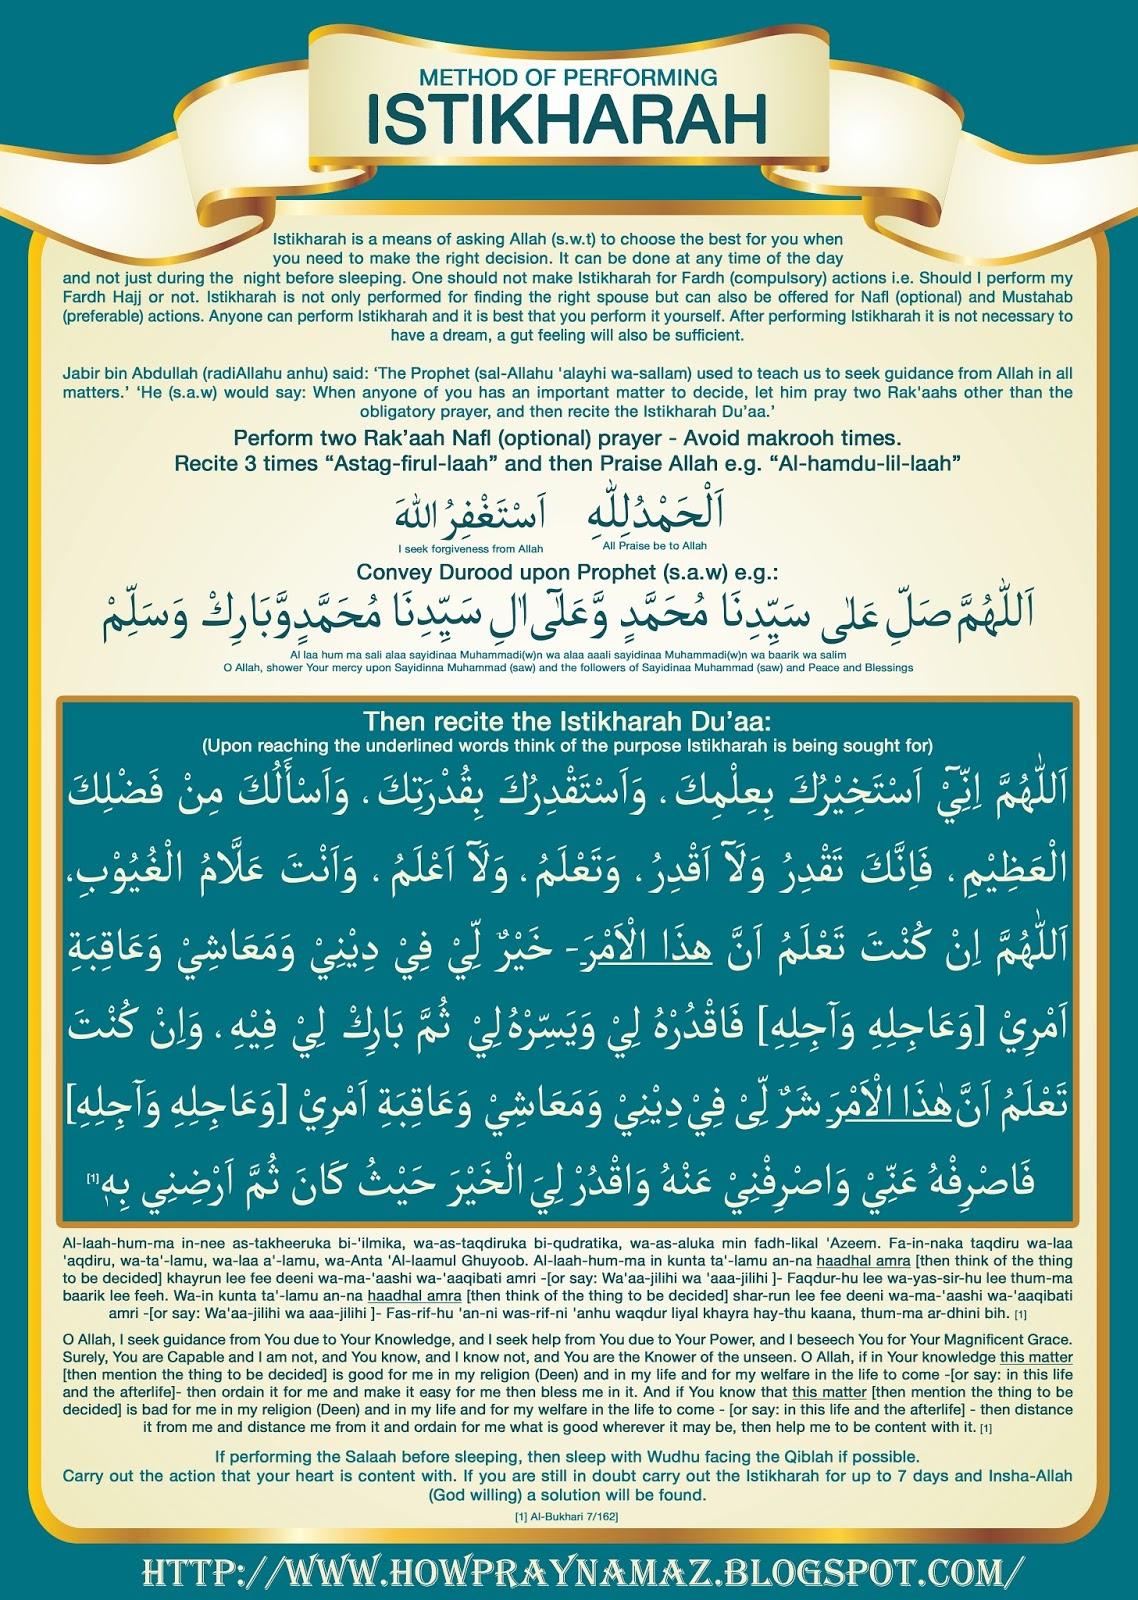 How to pray istikhara namaz how to pray namaz how to pray istikhara namaz thecheapjerseys Image collections